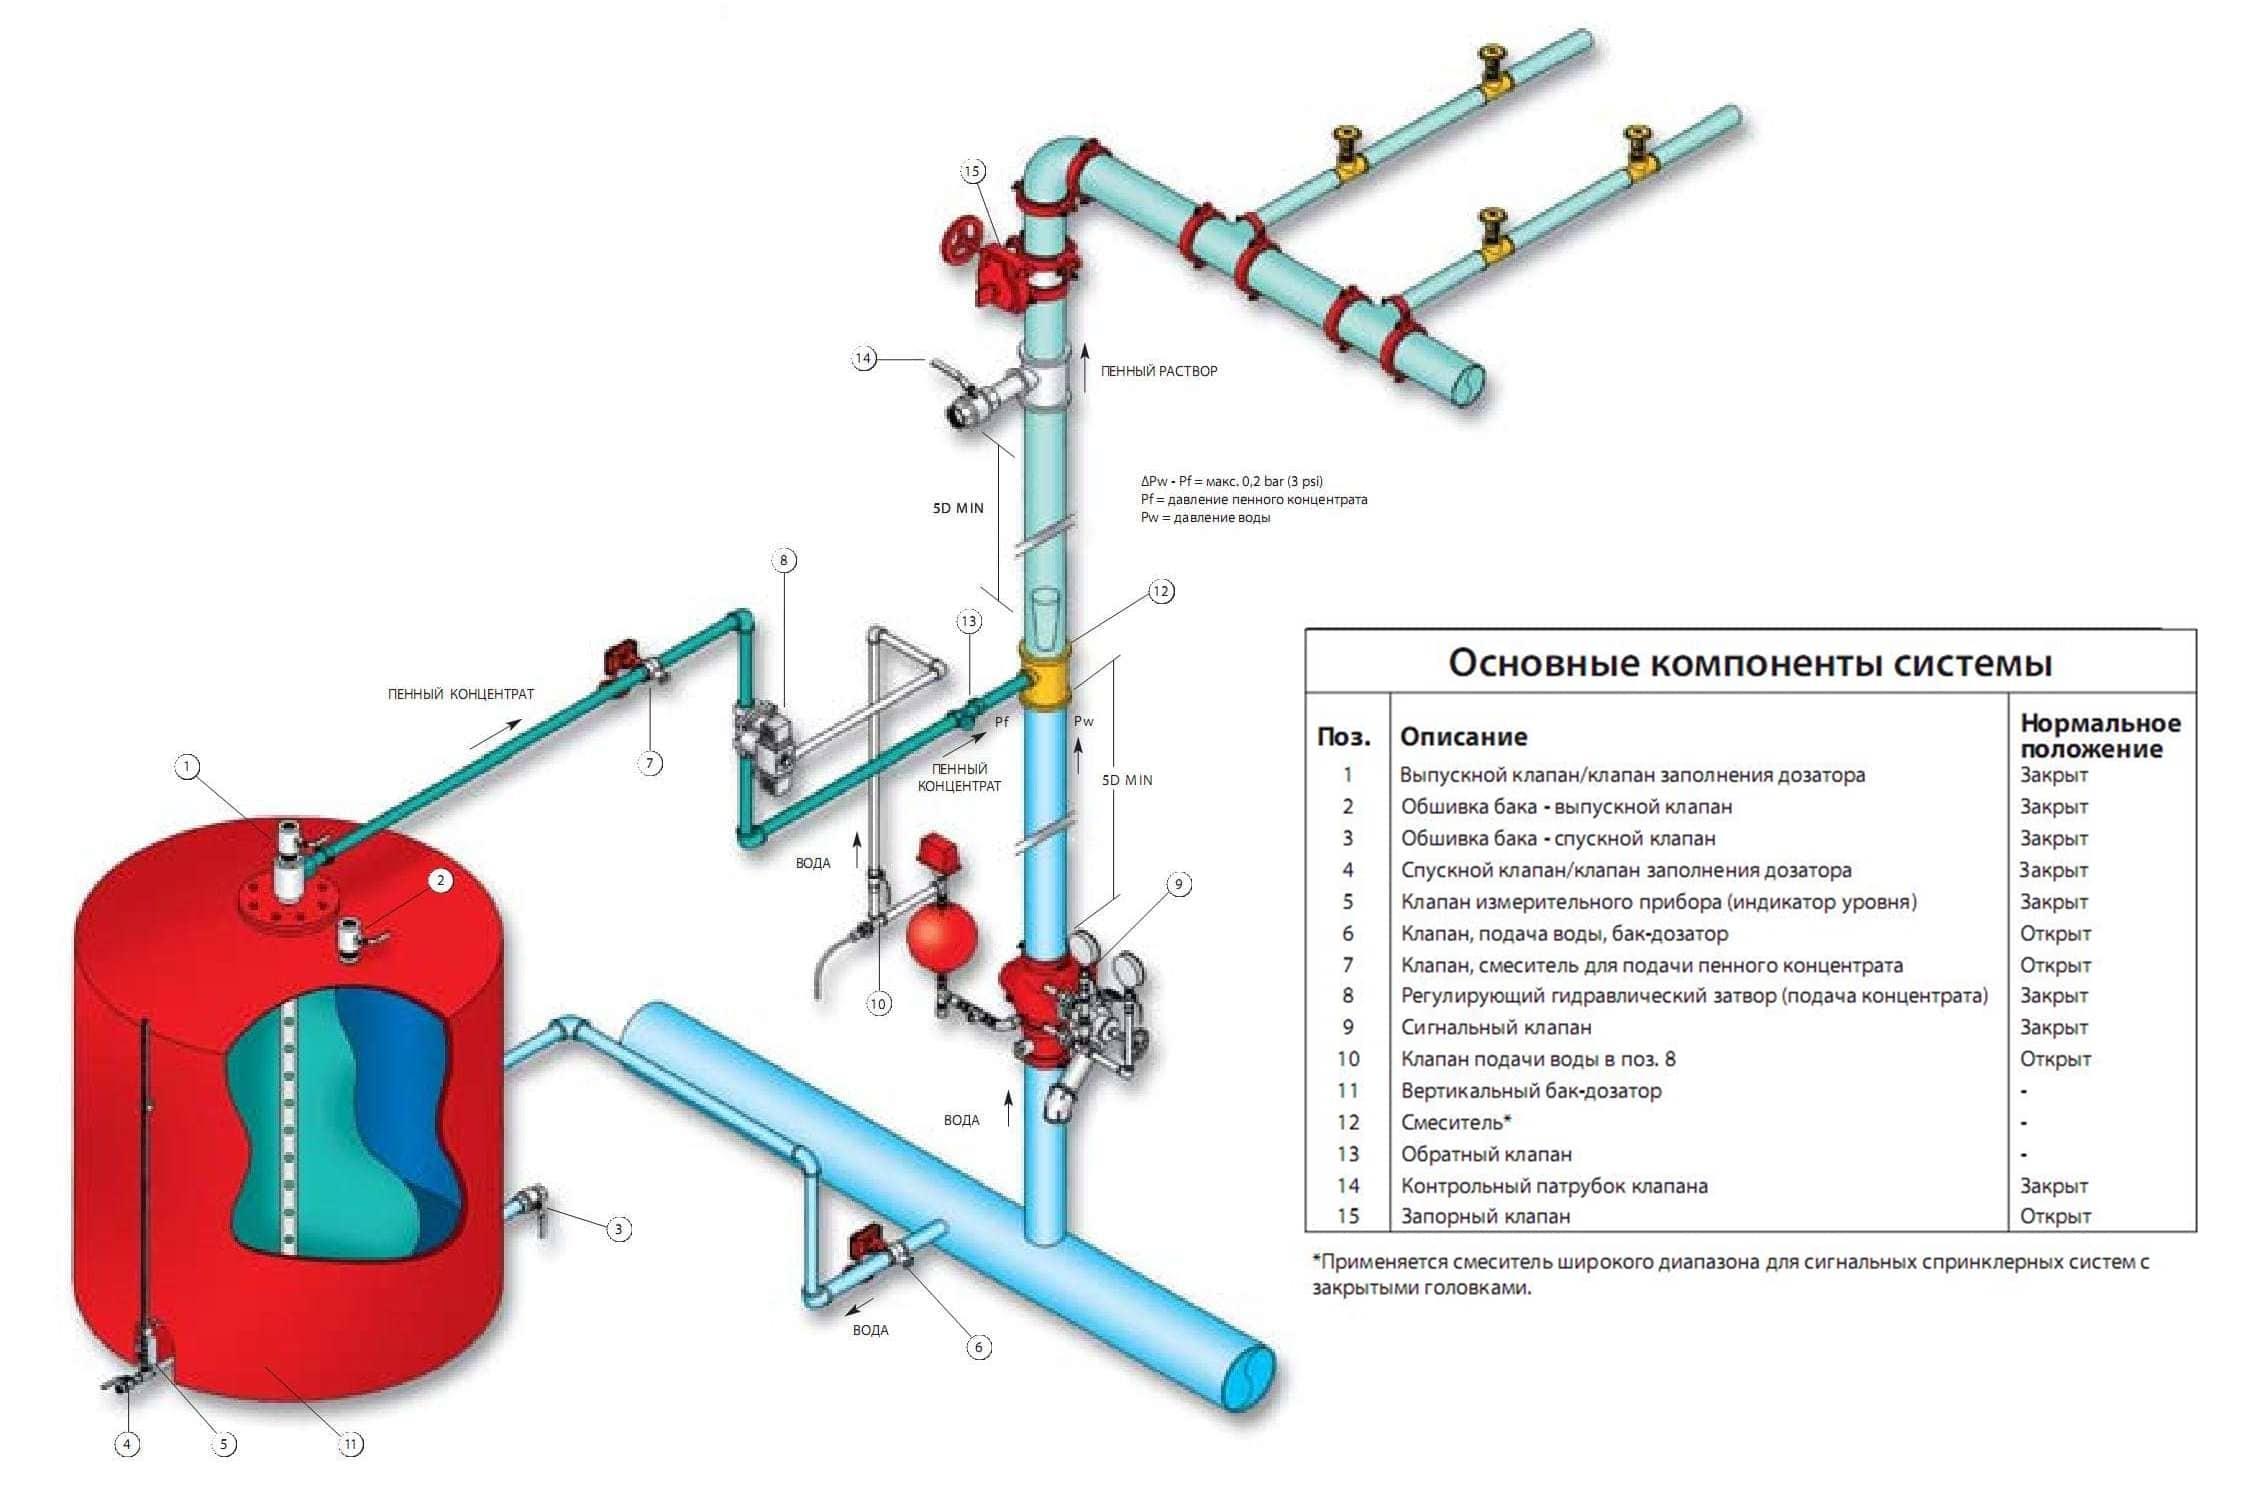 спринклерная система пожаротушения, что это такое, принцип работы установки